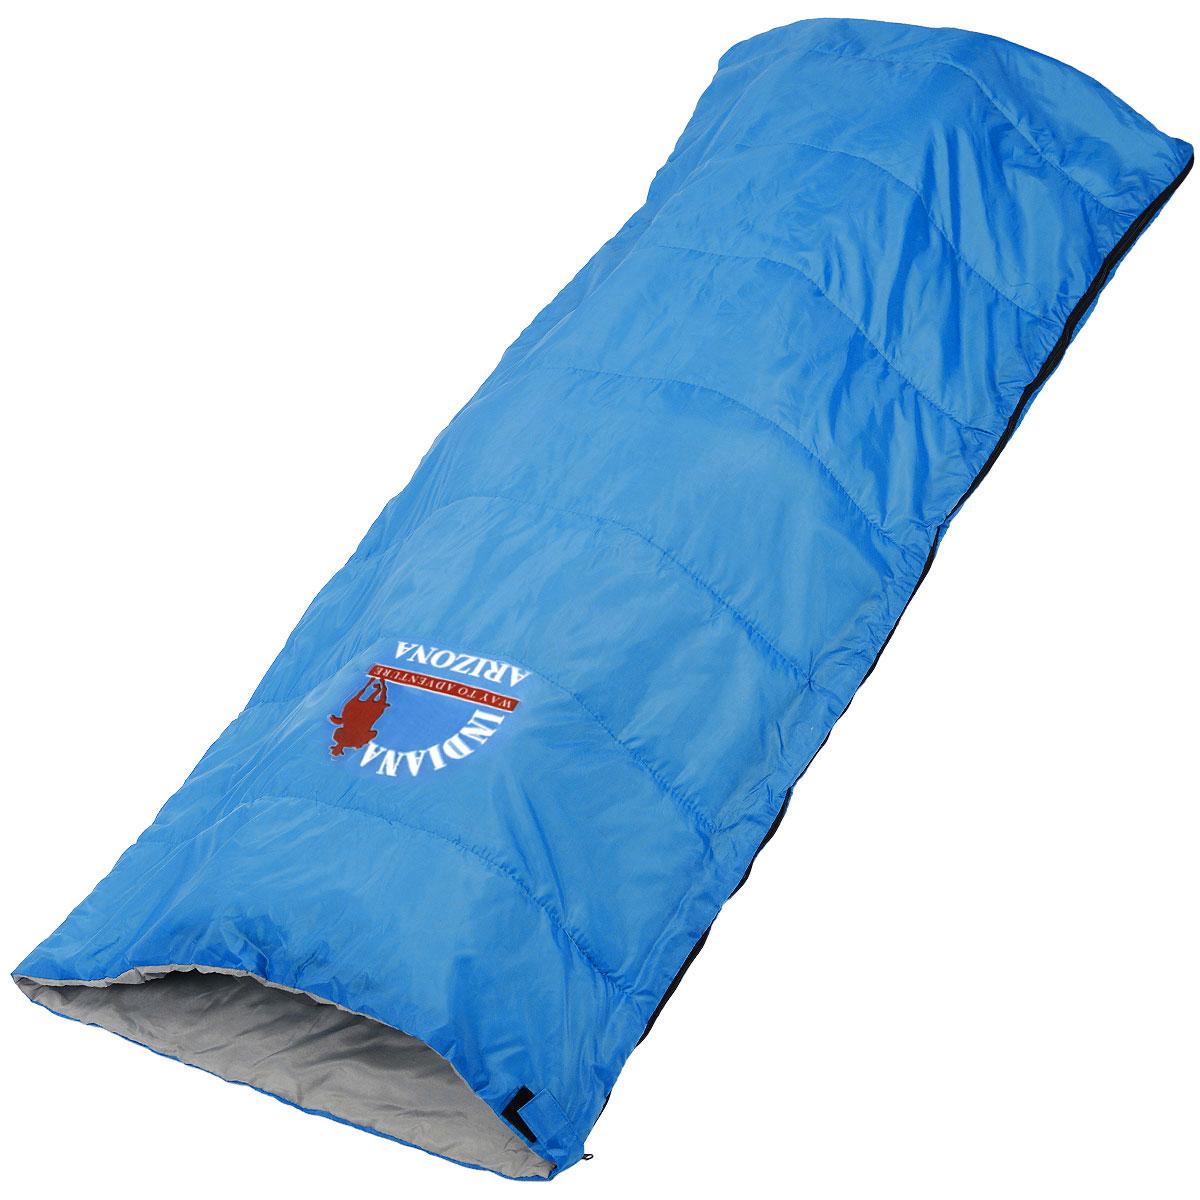 Спальный мешок-одеяло Indiana Arizona, 195 см х 85 см360700032Спальный мешок Indiana Arizona предусмотрен как для лета, так и для прохладного времени года, так как рассчитан на минимальную температуру -1° C. Его можно использовать не только во время отдыха, но и для повседневной жизни на даче или дома.